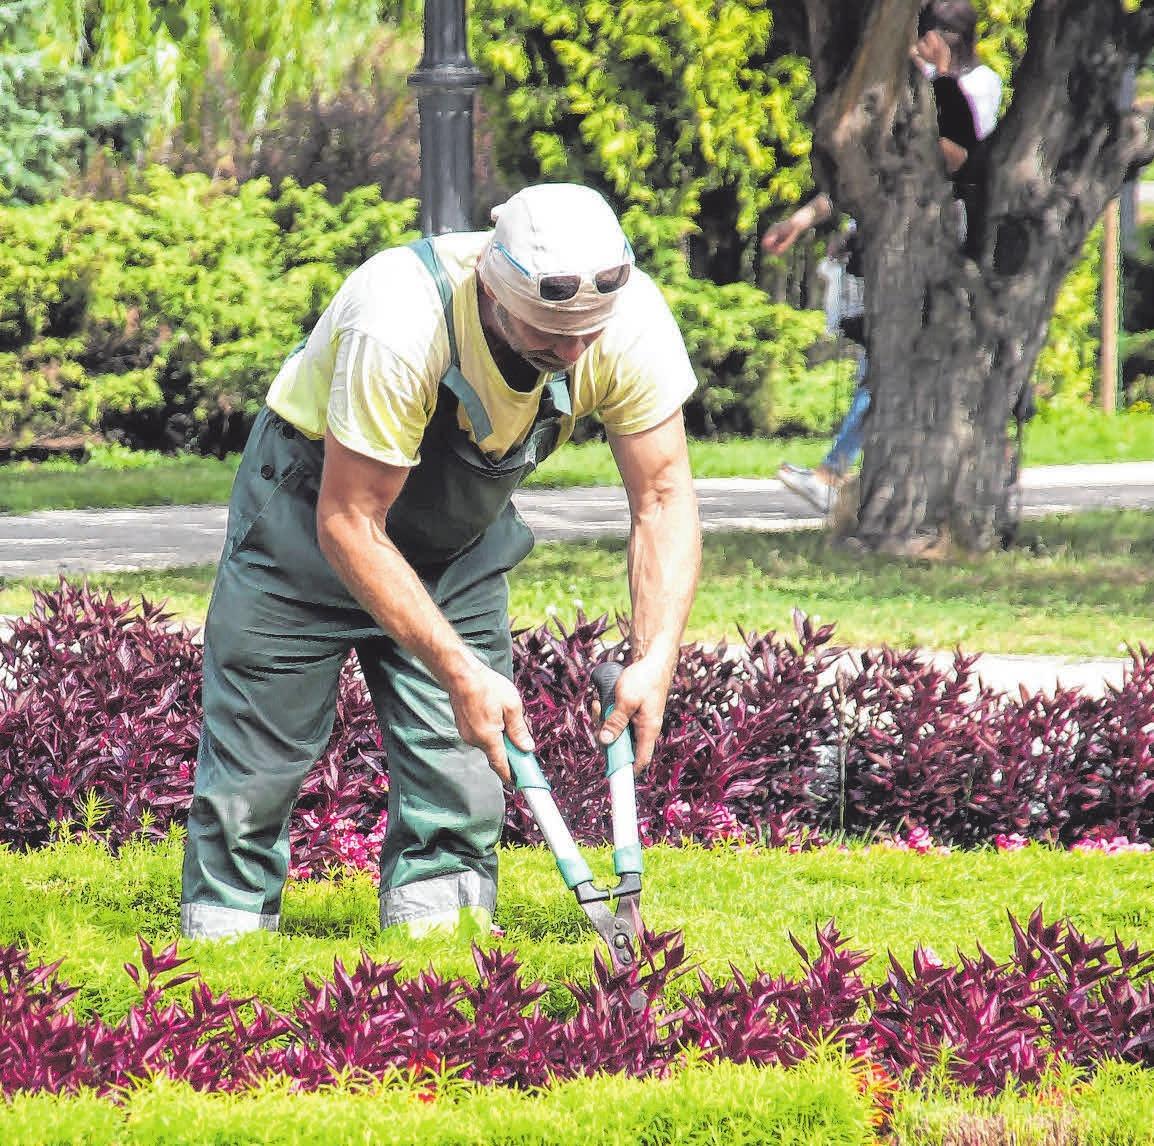 Grüne Berufe haben eine blühende Zukunft Image 1